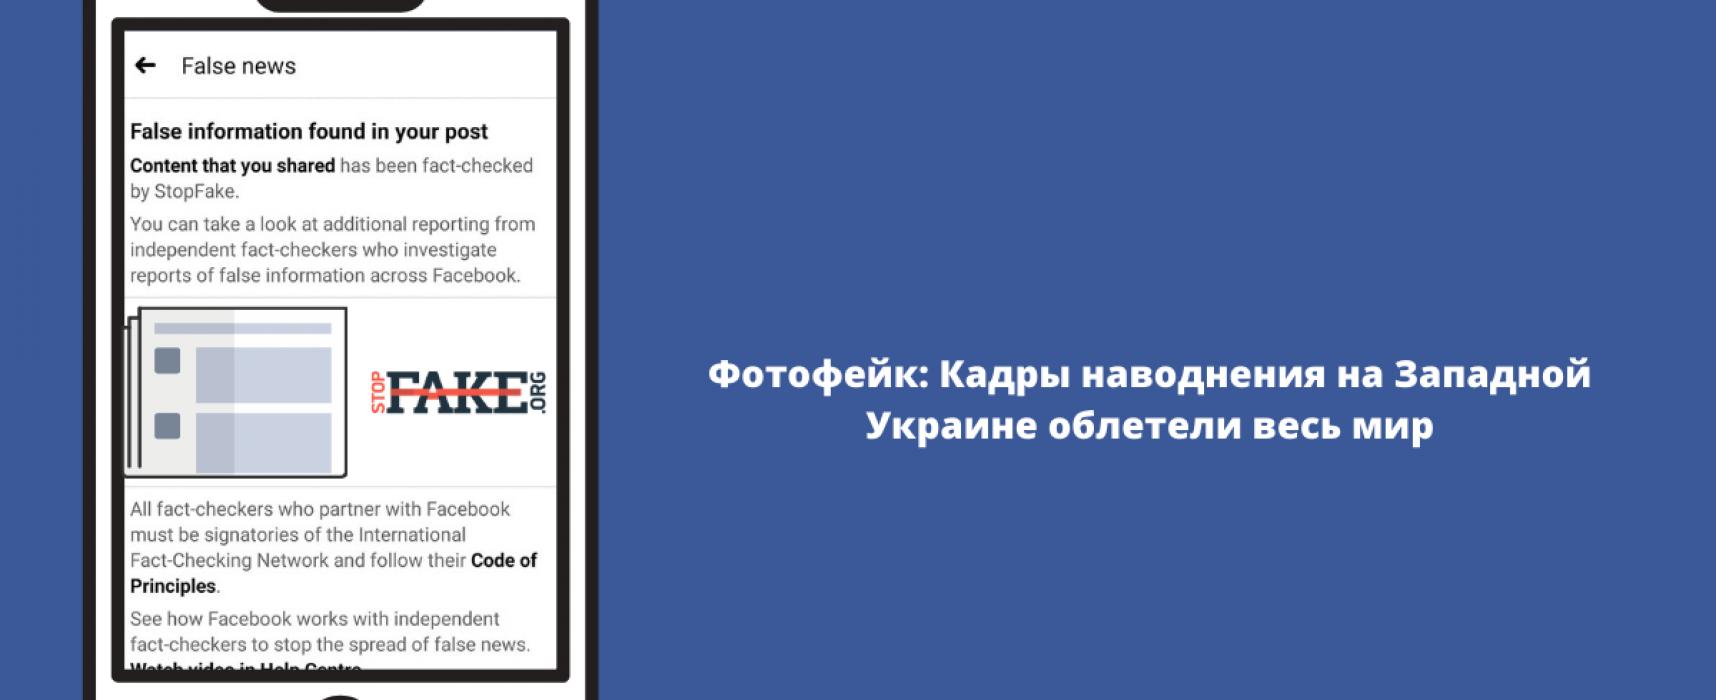 Фотофейк: Кадри повені на Західній Україні облетіли весь світ